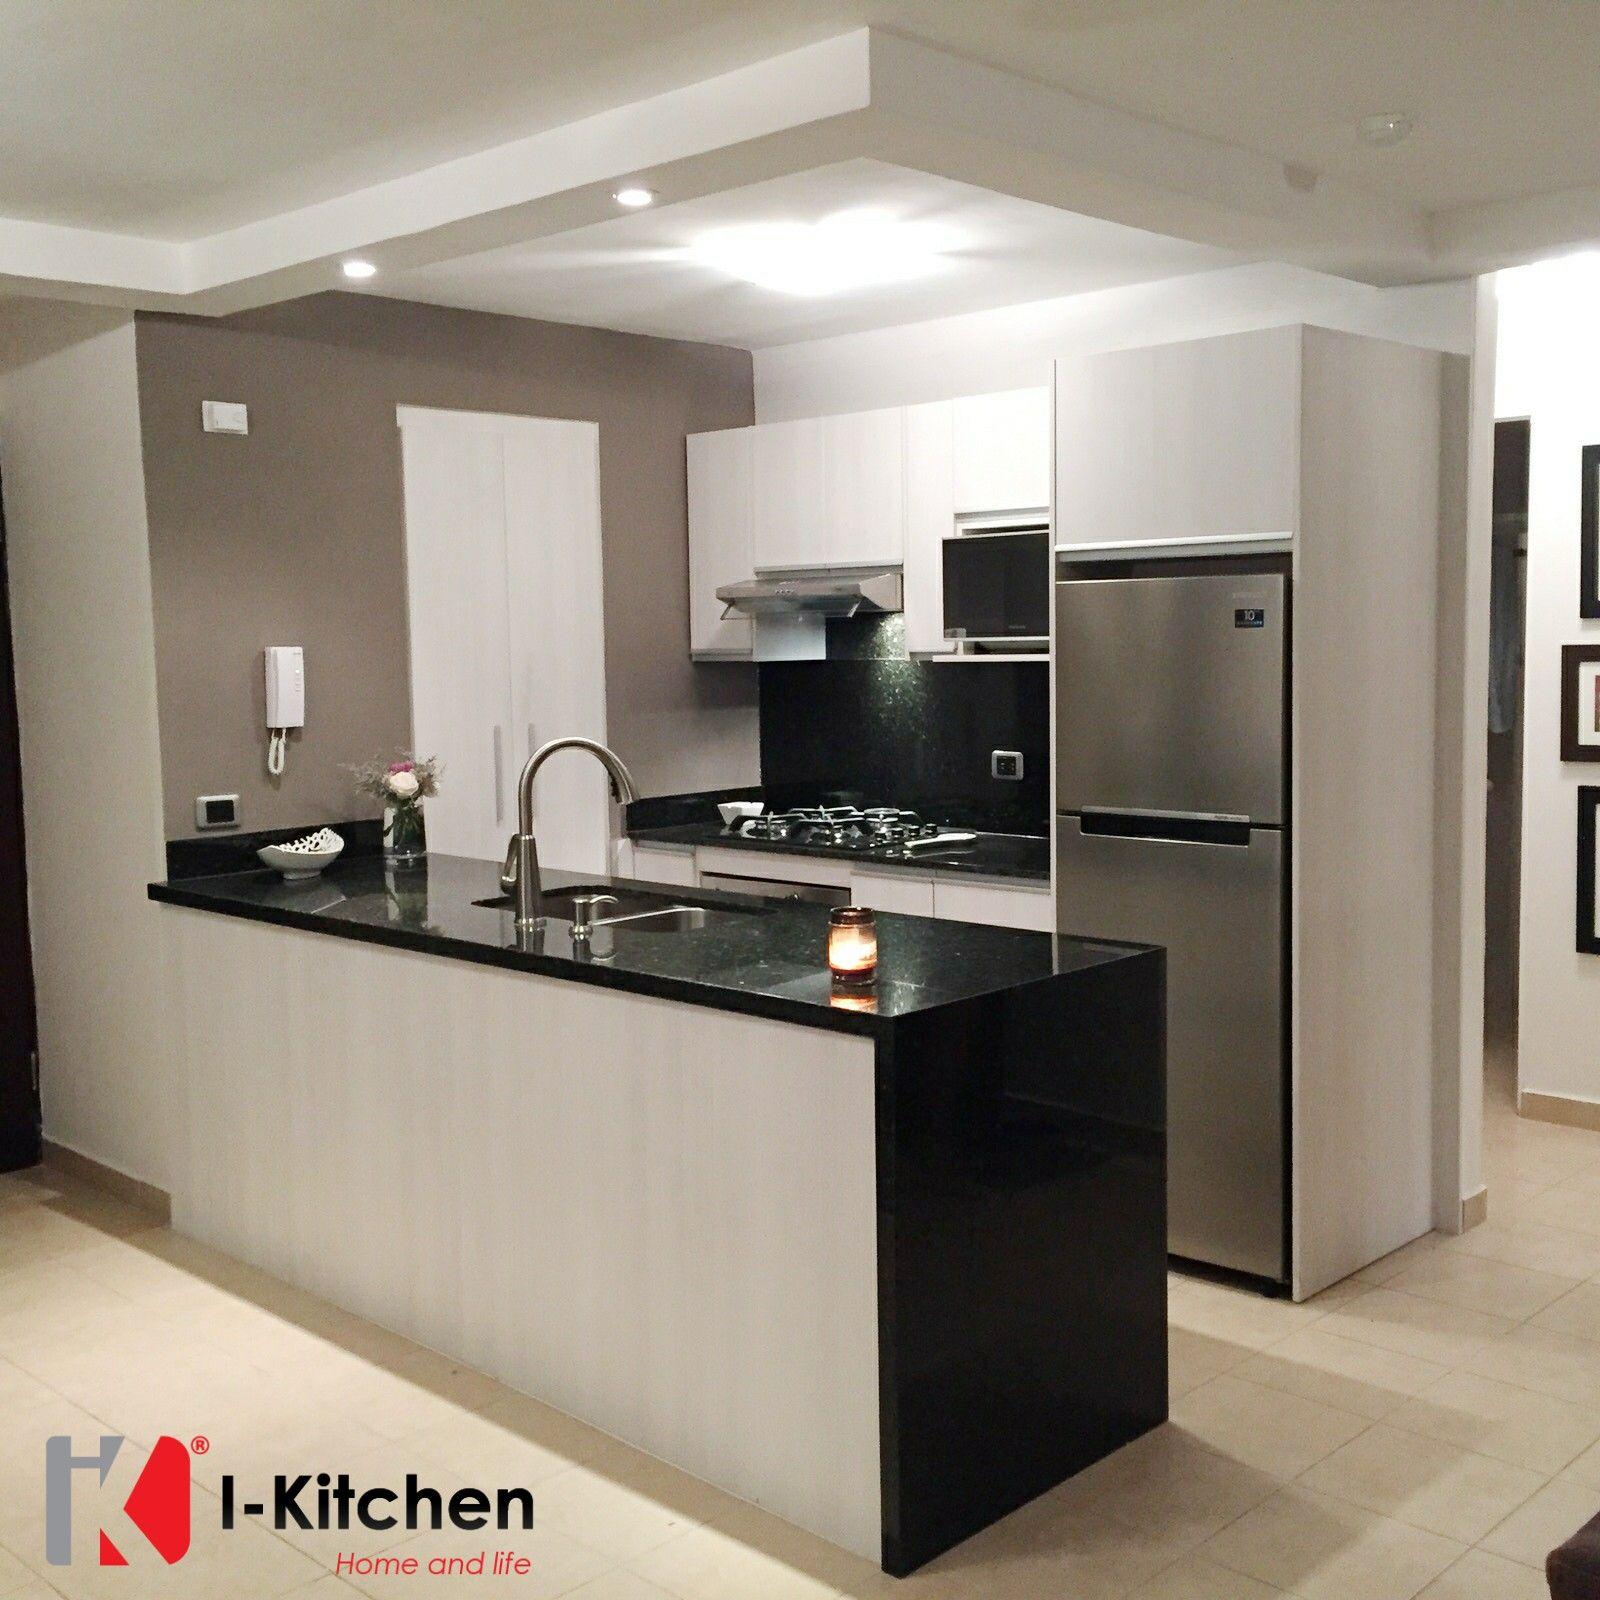 Espectacular cocina moderna con pantalla y cascada de